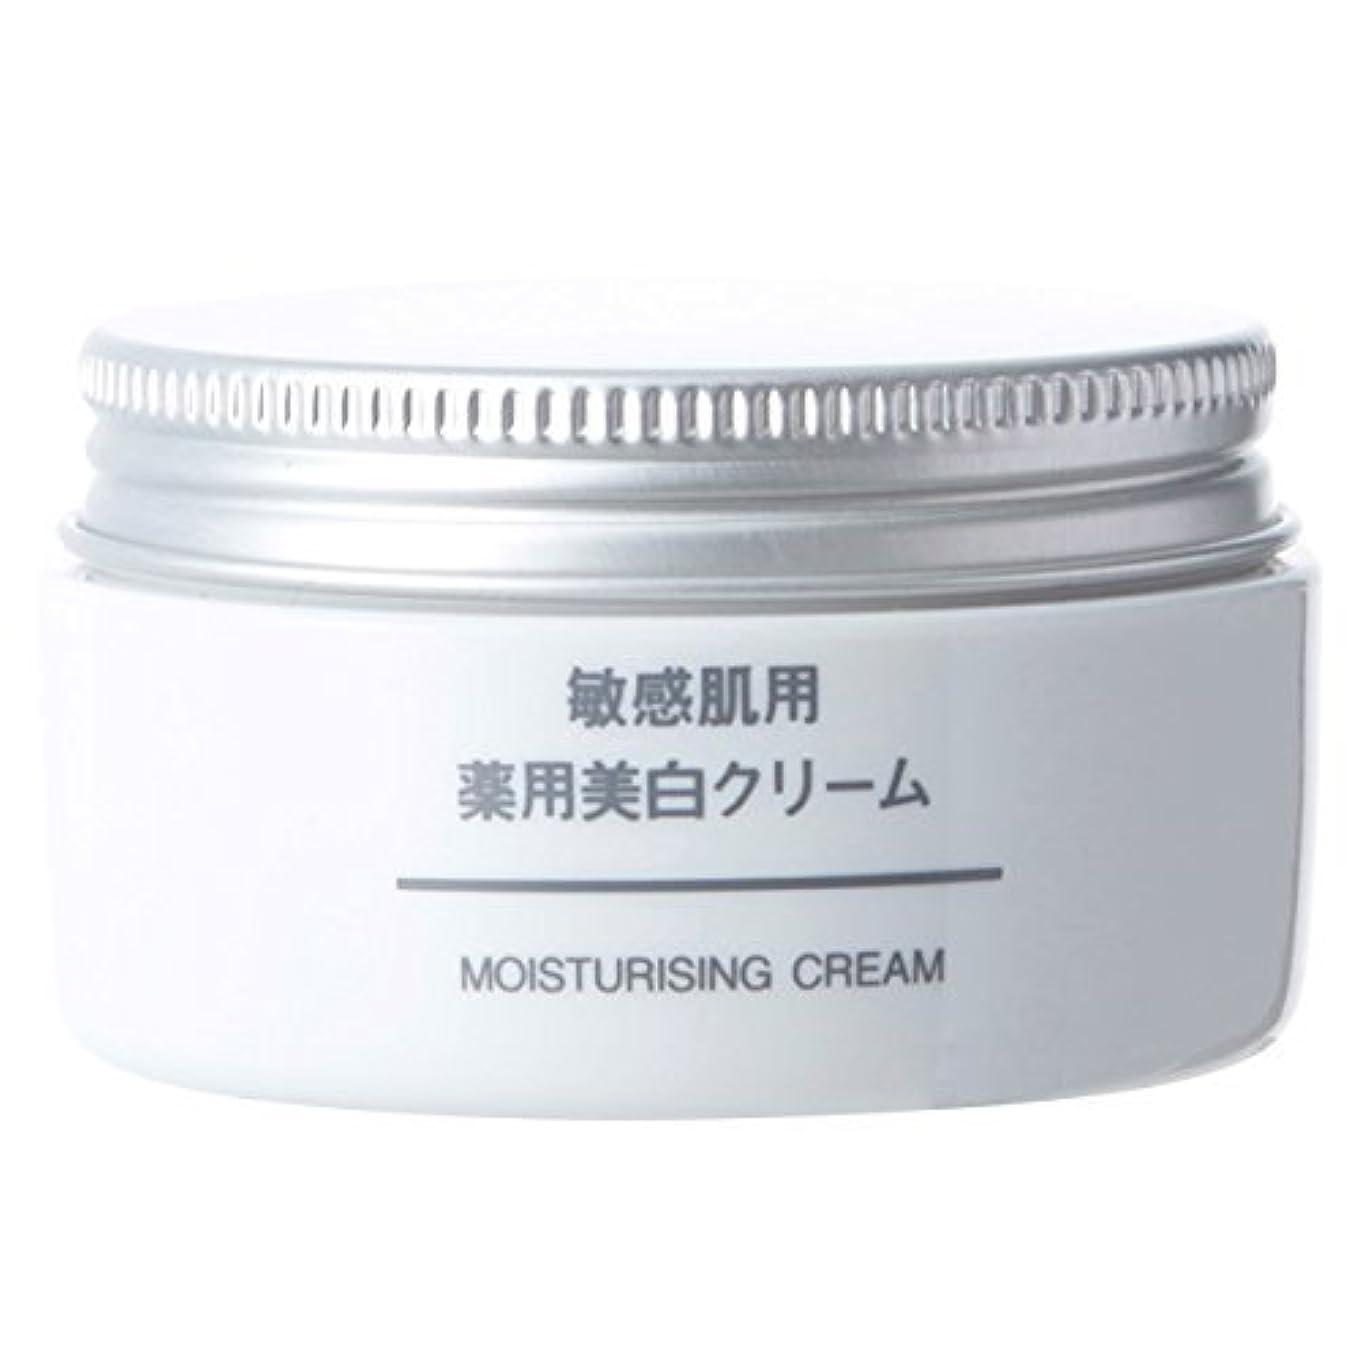 要件雑草伝える無印良品 敏感肌用薬用美白クリーム (新)45g